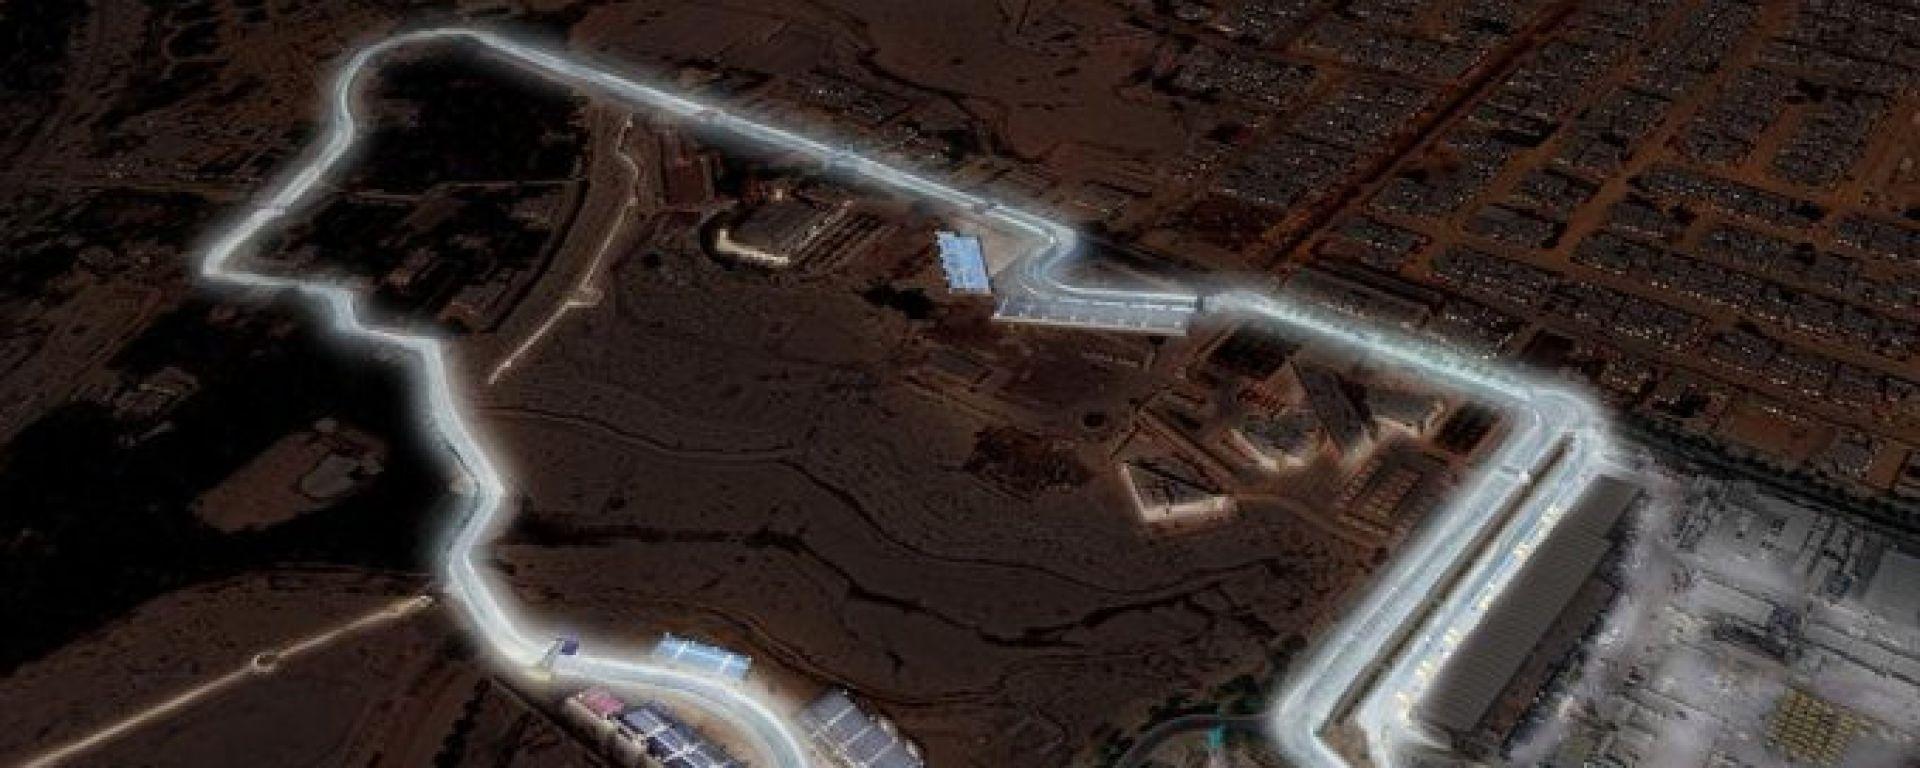 Formula E, la vista aerea del circuito di Ad Diriyah illuminato a giorno dai fari led